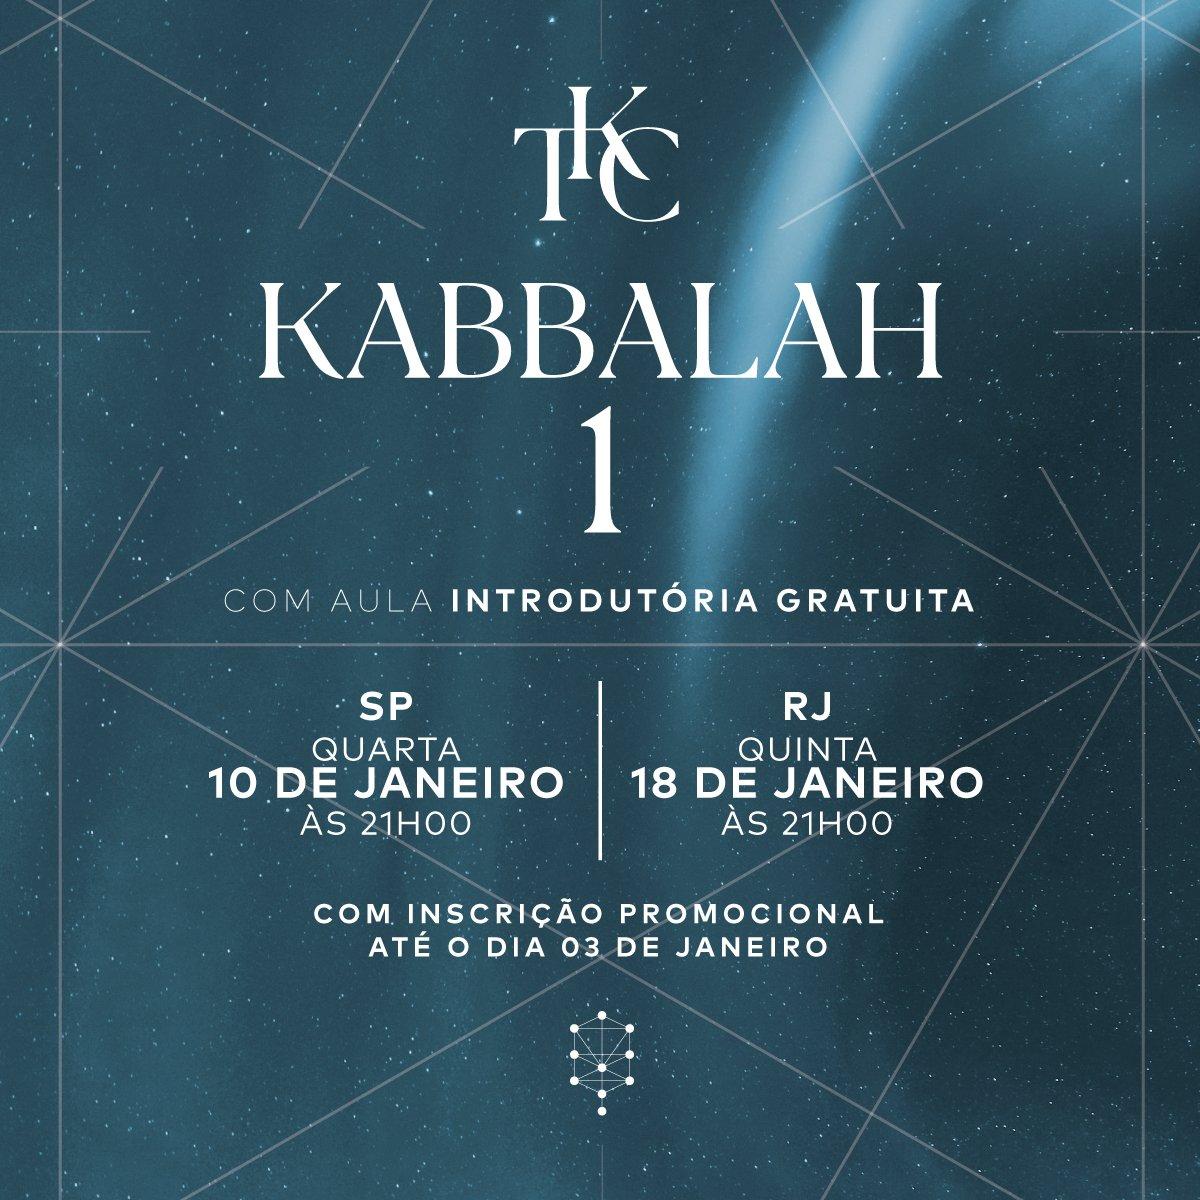 Já estão abertas as inscrições do curso O Poder da Kabbalah 1 para o início deste ano. Marque aquele amigo que sempre quis conhecer sobre a Kabbalah e o convide para participar da nossa aula introdutória GRATUITA. https://t.co/4IQWtpiDbM